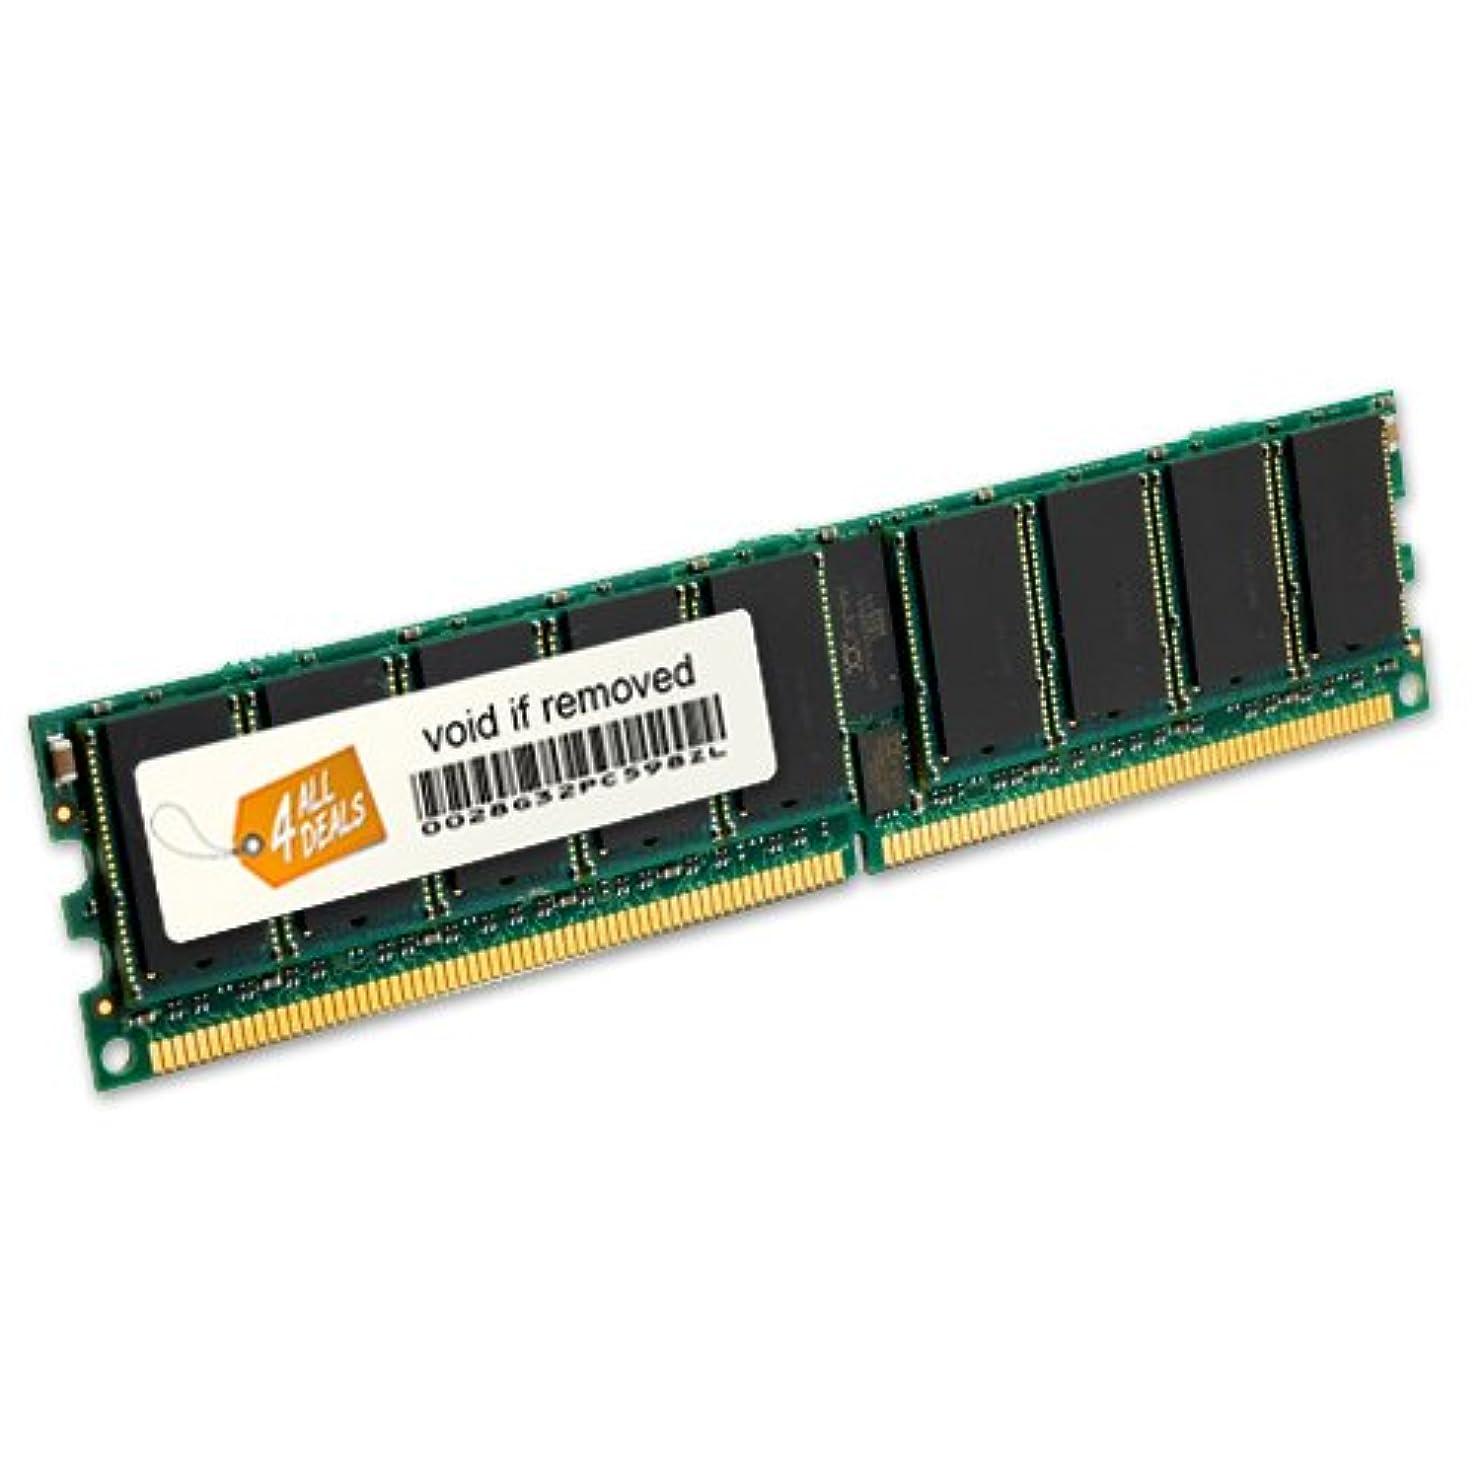 パースブラックボロウタイプぶどう16GB DDR3-1600 (PC3-12800) メモリー RAM アップグレード Compaq HP Proliant BL490c G6 サーバーメモリ用